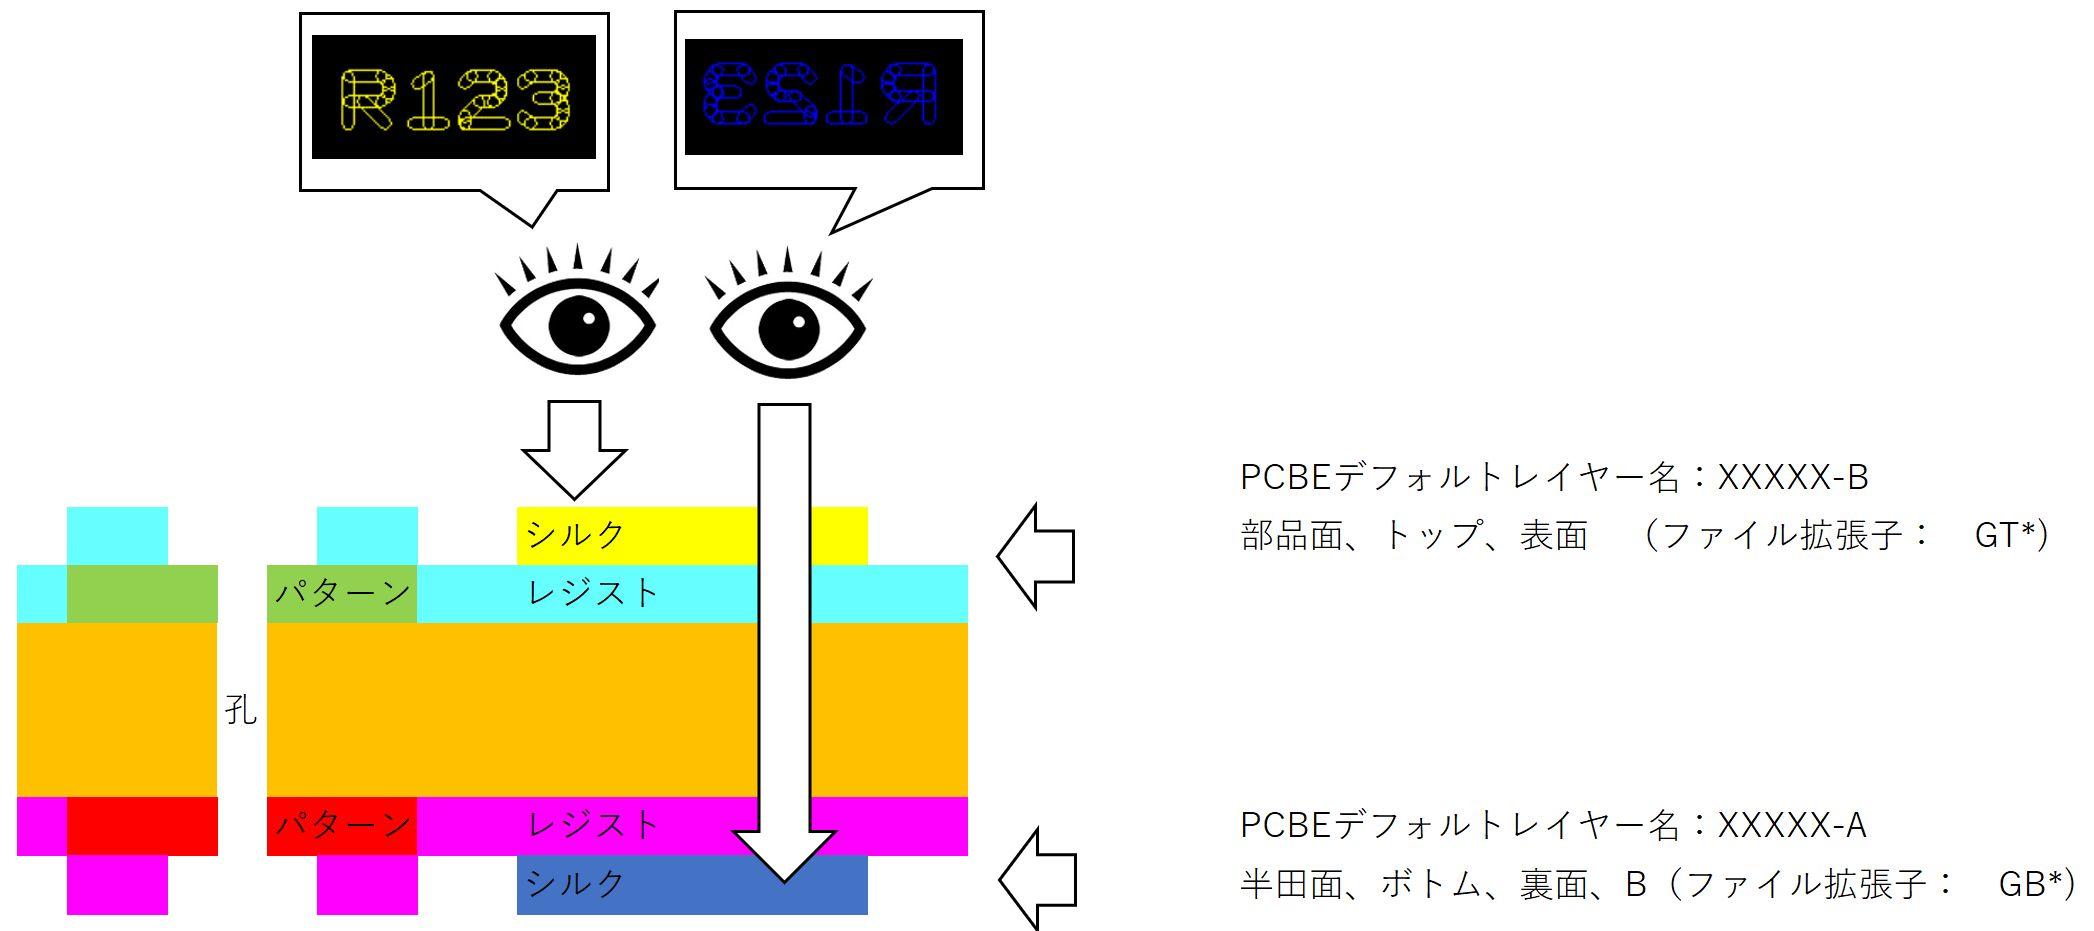 pcb3423432.jpg